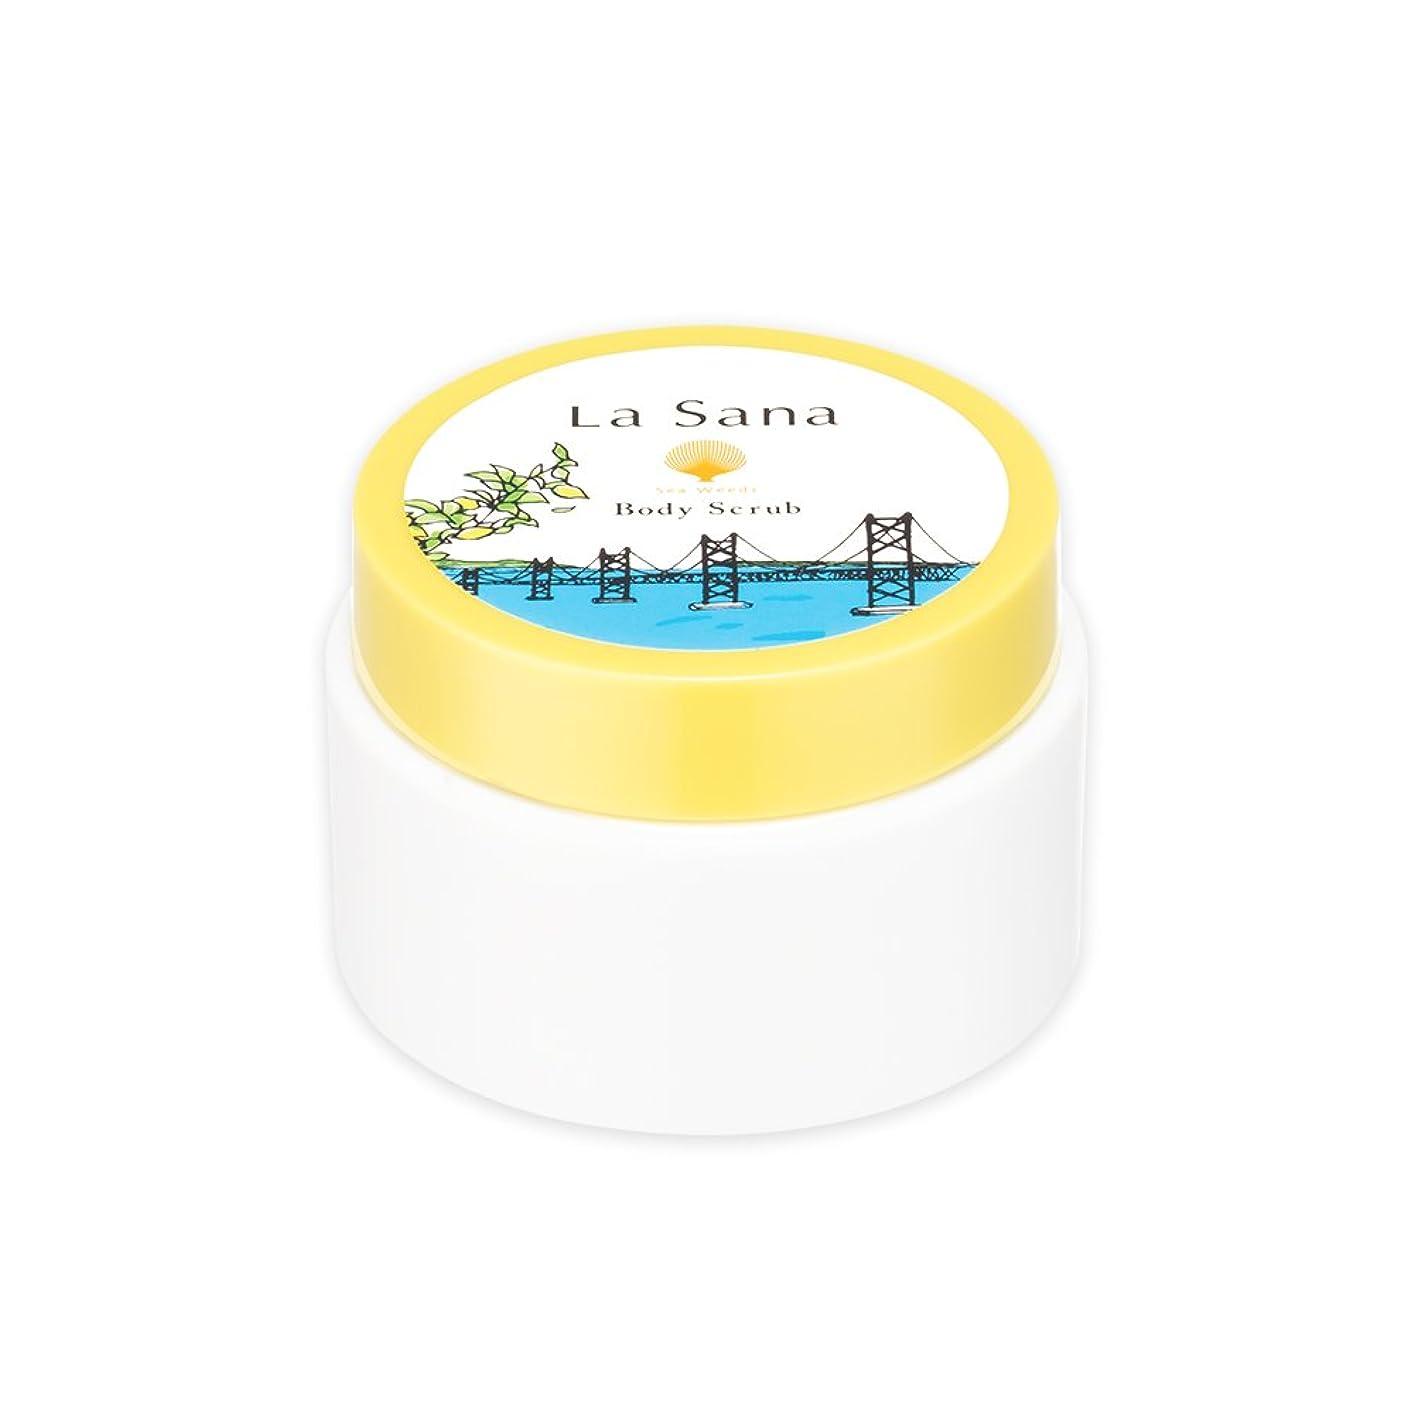 航空便画面寝室を掃除するラサーナ La sana 海藻 ボディ スクラブ 100g 限定 瀬戸内レモンの香り ボディケア 日本製 (約1ヵ月分)